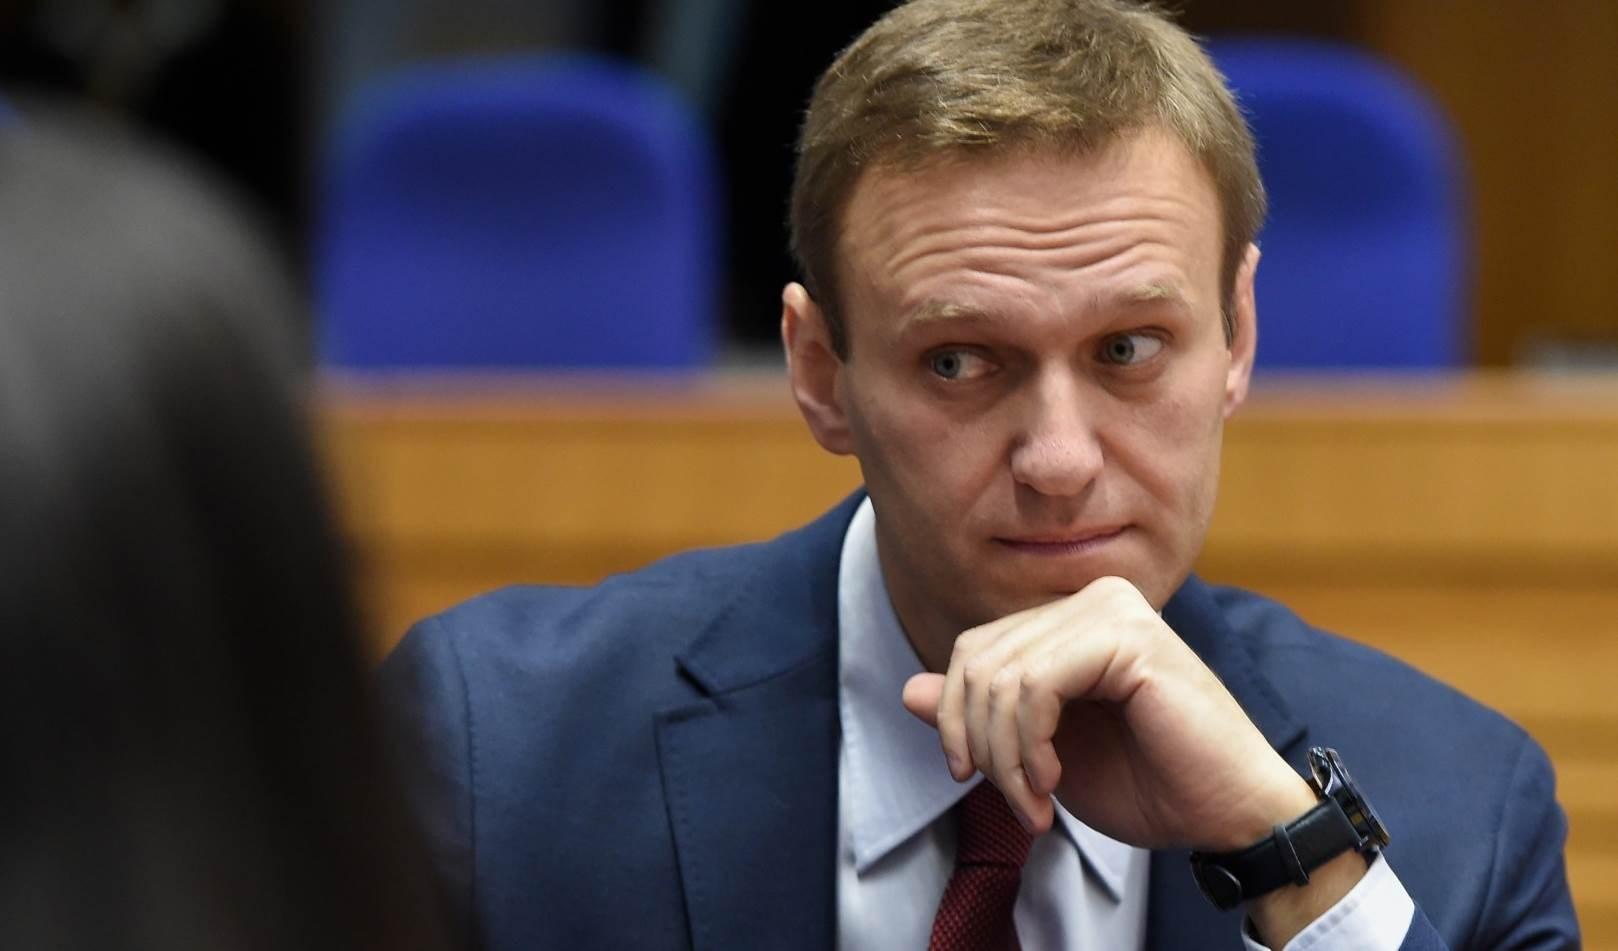 قلق روسي بعد العثور على مواد سامة في تحليلات نافالني